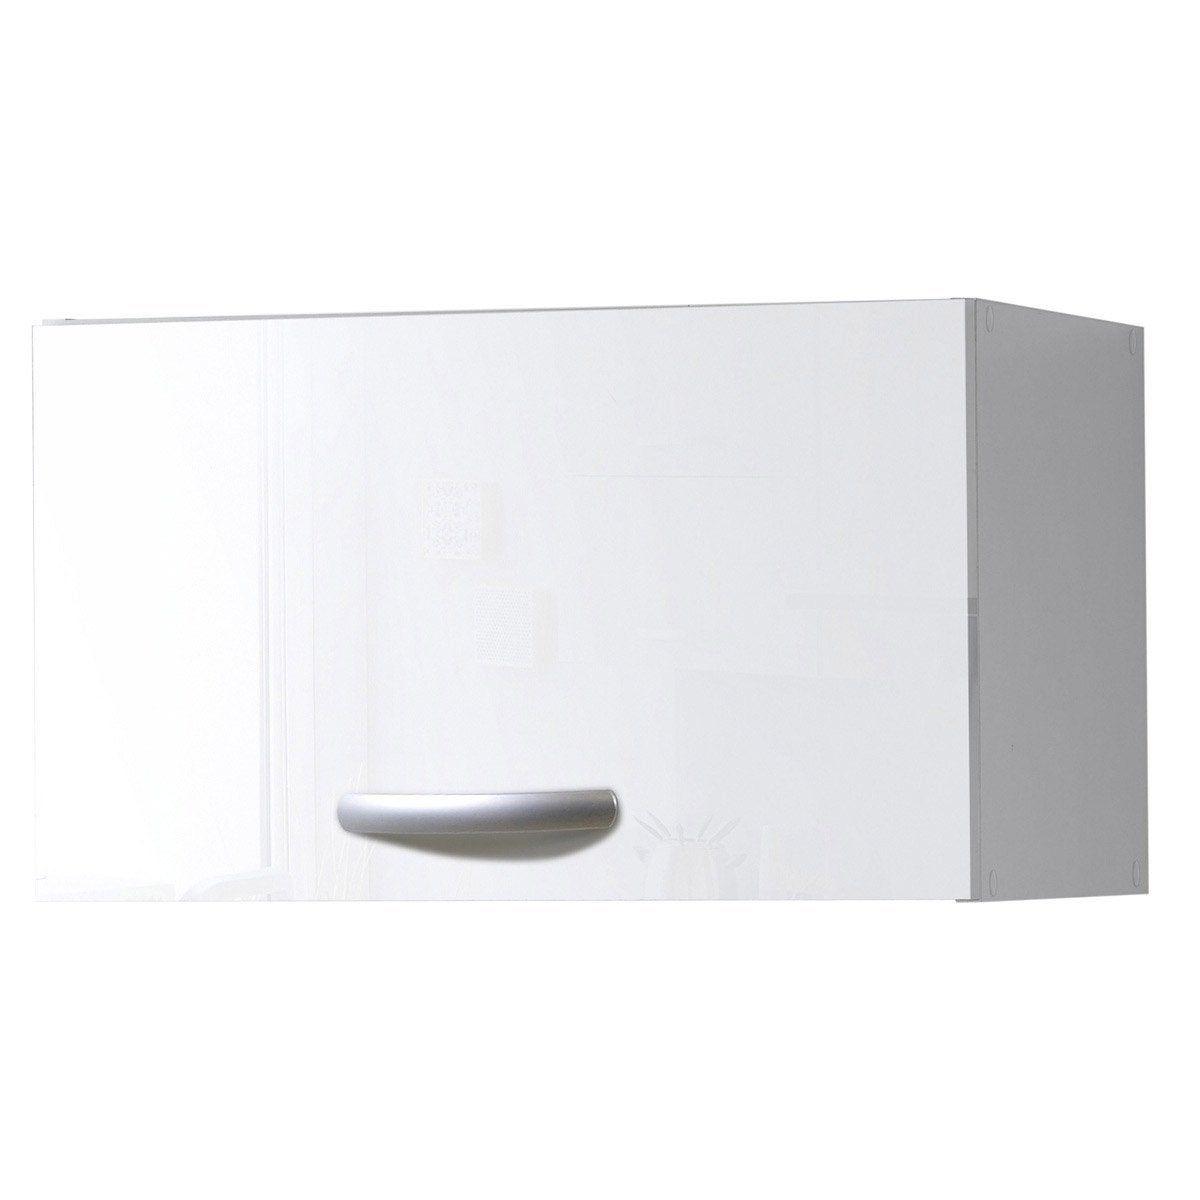 Meuble De Cuisine Haut 1 Porte Blanc Brillant H35 2x L60x P35 2cm Meuble Cuisine Meuble Mobilier De Salon